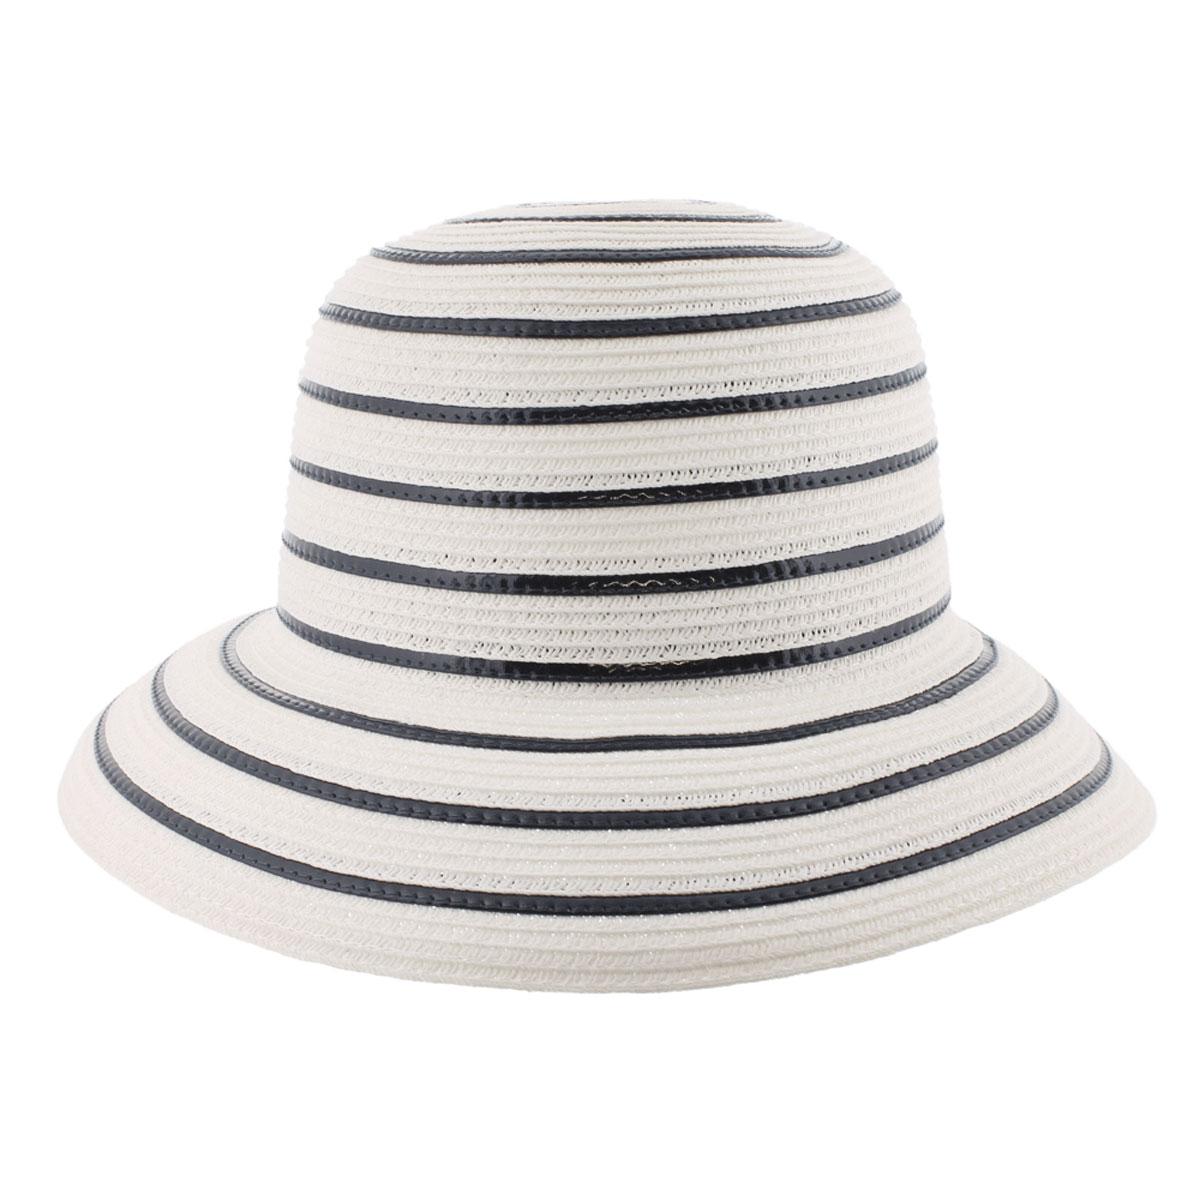 77-139-38Летняя женская шляпа R.Mountain Romy станет незаменимым аксессуаром для пляжа и отдыха на природе. Такая шляпка не только защитит вас от солнца, но и станет стильным дополнением вашего образа. Шляпа оформлена небольшим металлическим логотипом фирмы в морской тематике. Плетение шляпы обеспечивает необходимую вентиляцию и комфорт даже в самый знойный день. Шляпа легко восстанавливает свою форму после сжатия. Эта элегантная легкая шляпка подчеркнет вашу неповторимость и дополнит ваш повседневный образ.